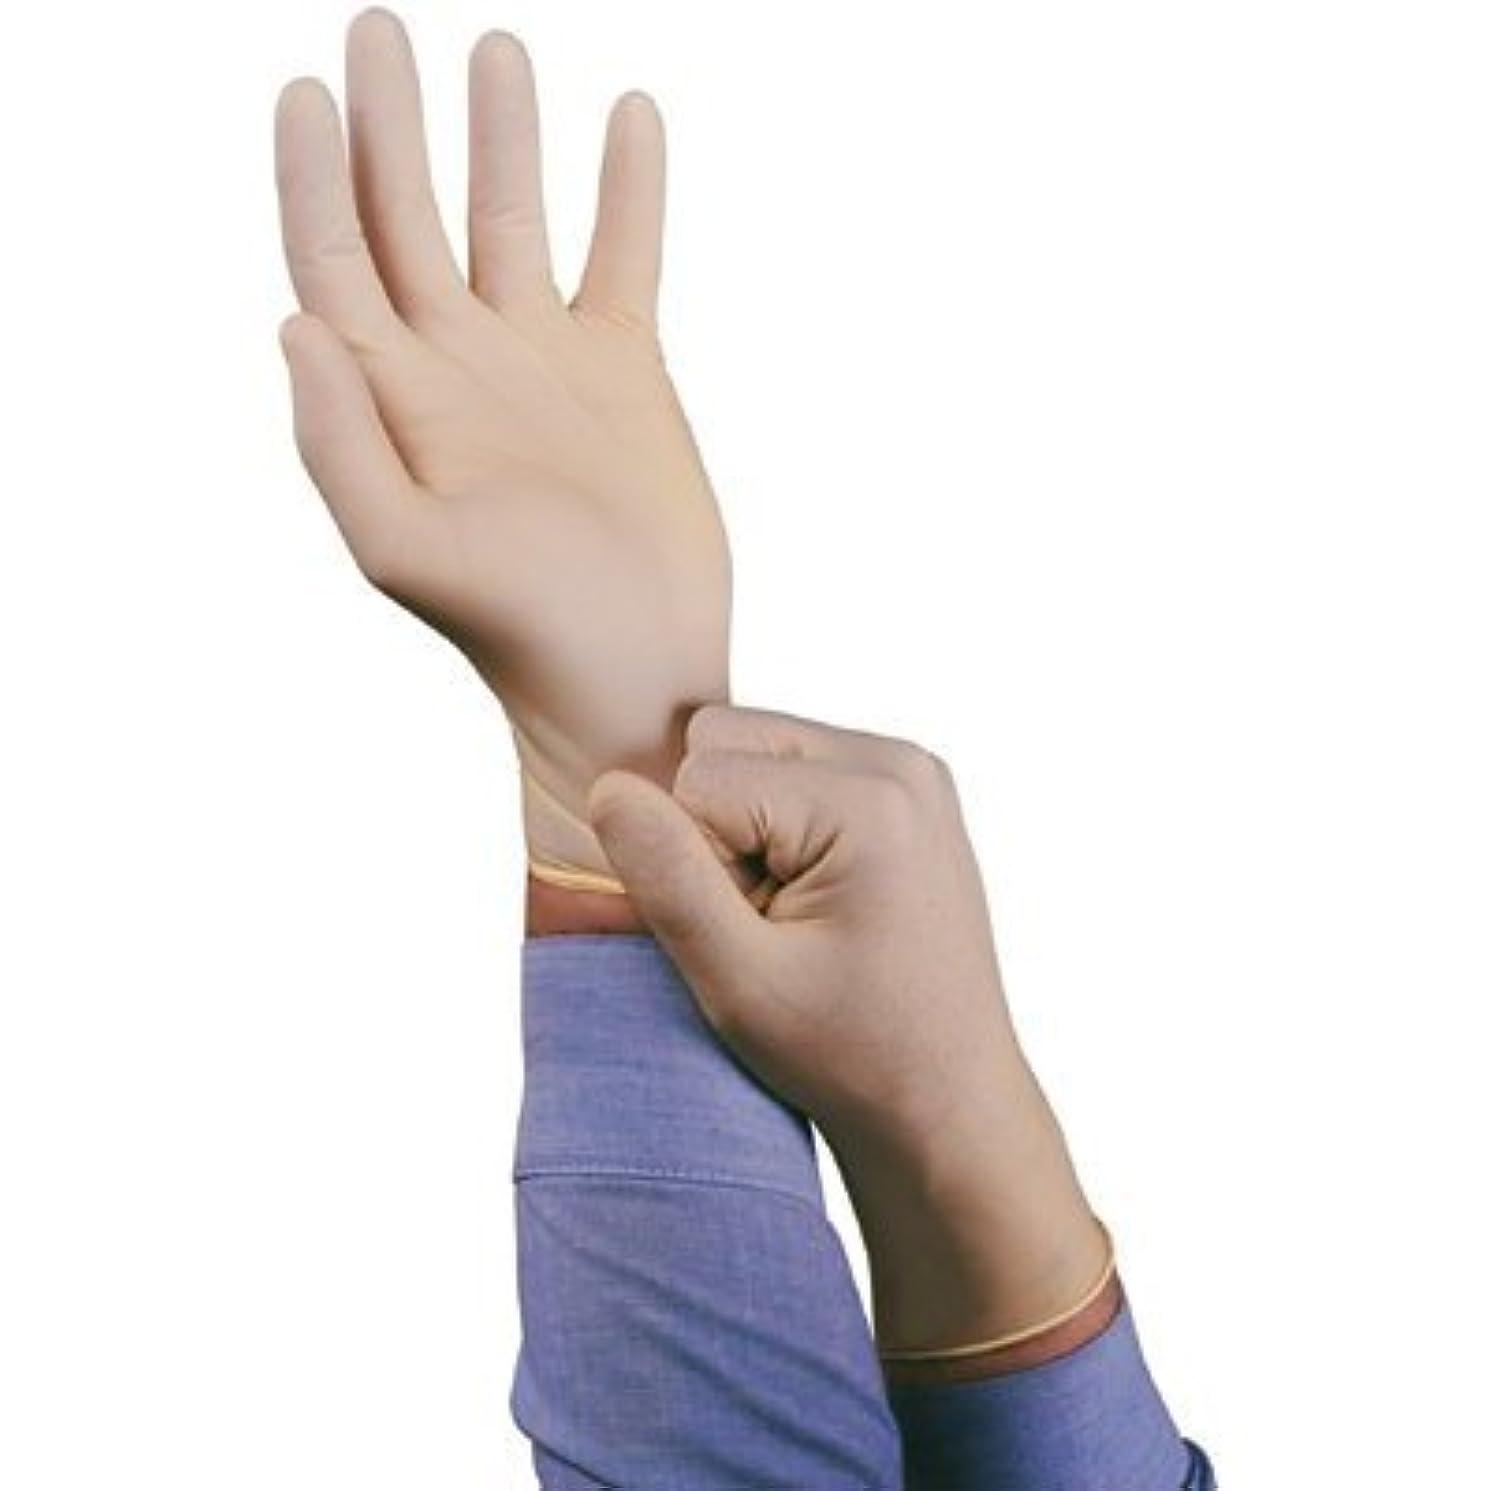 債務るシソーラスConform XT?つ? Disposable Gloves - 516702 lrg disposable-nat latex 100 glvs/bx by Ansell